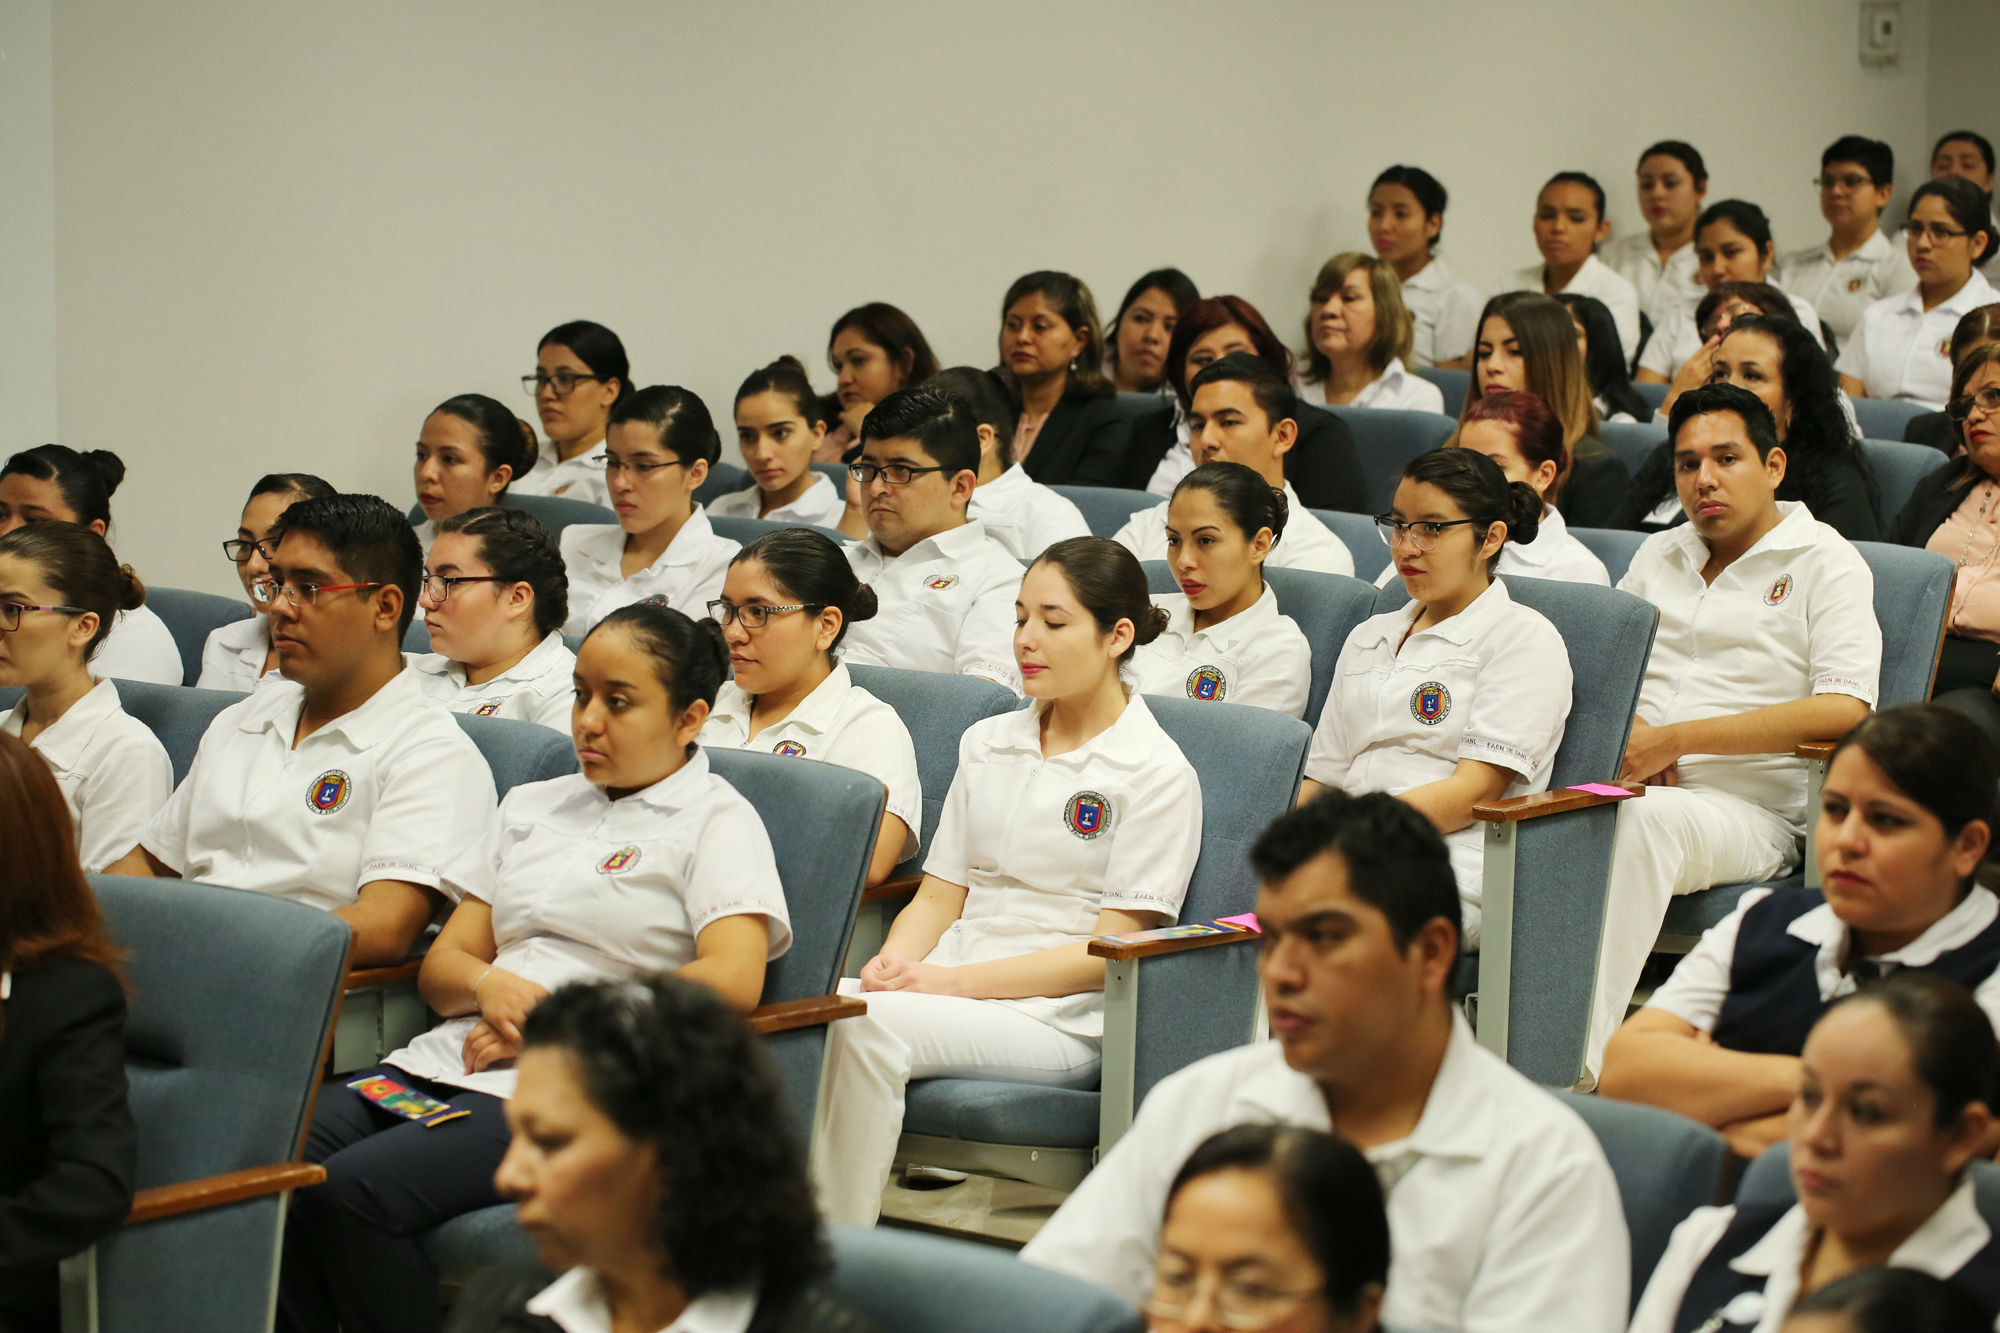 Estudiantes de enfermería de dieron cita para atestiguar el evento